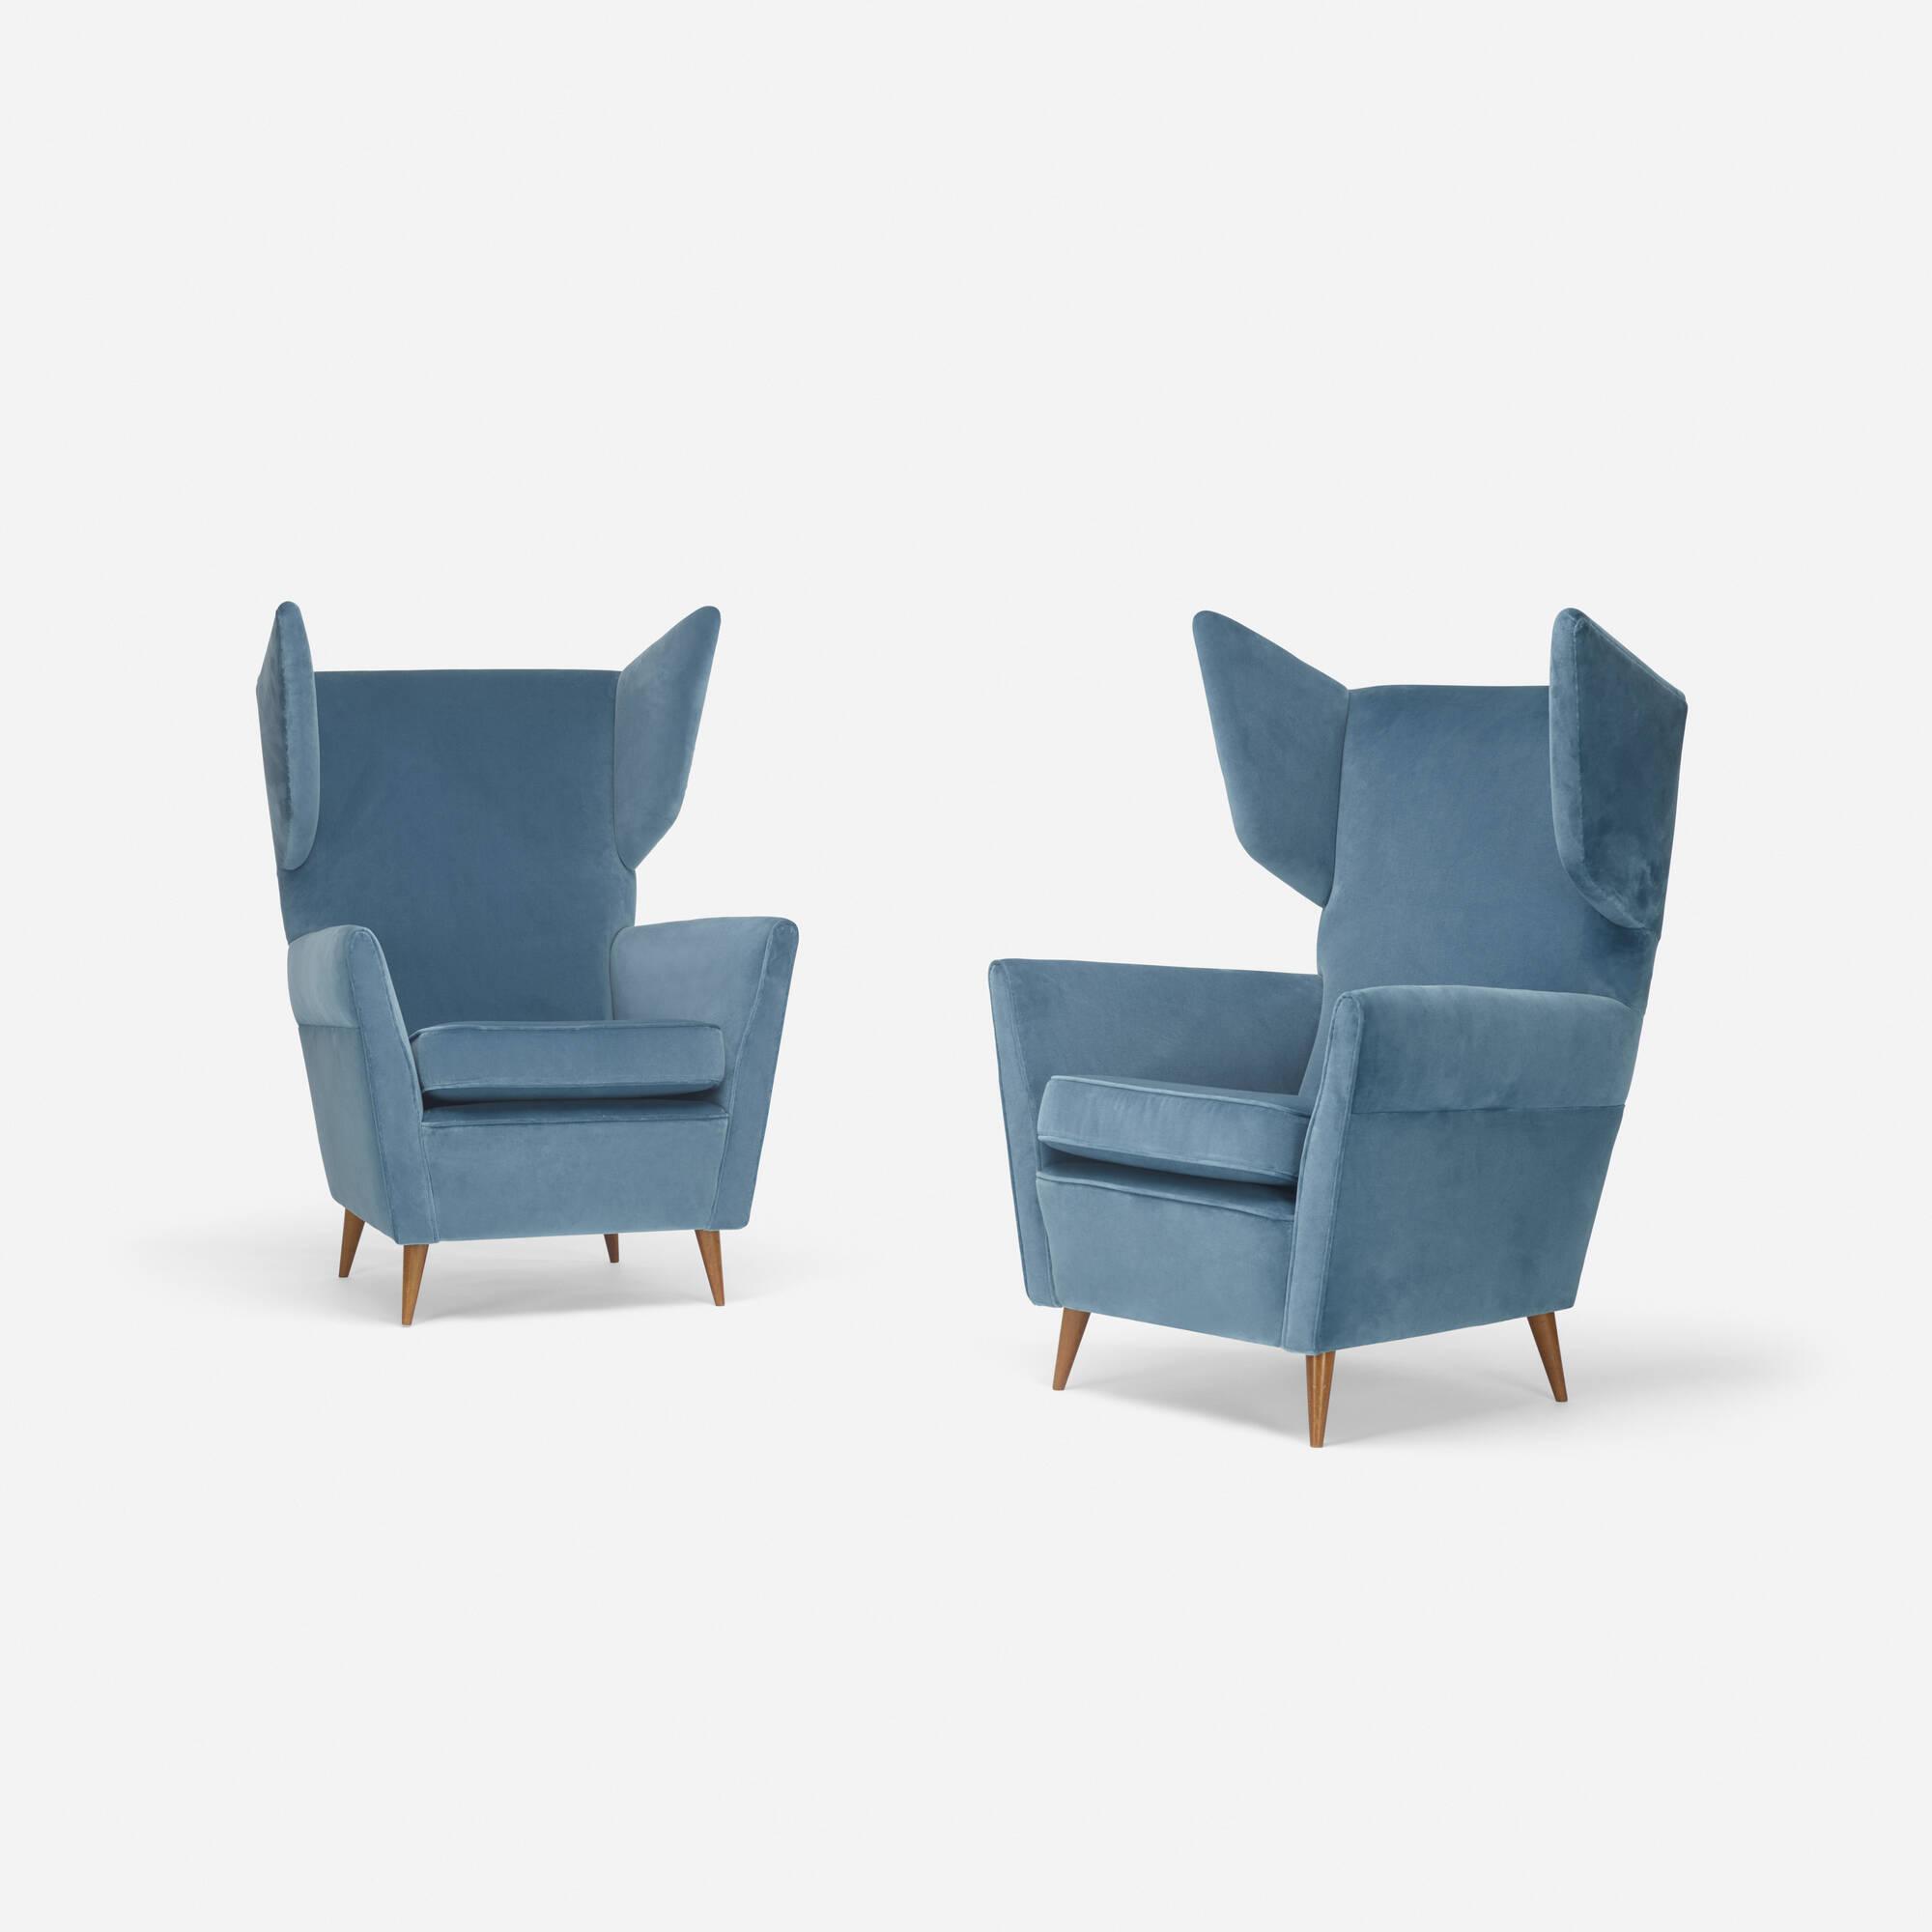 268: Gio Ponti / lounge chairs, pair (1 of 3)